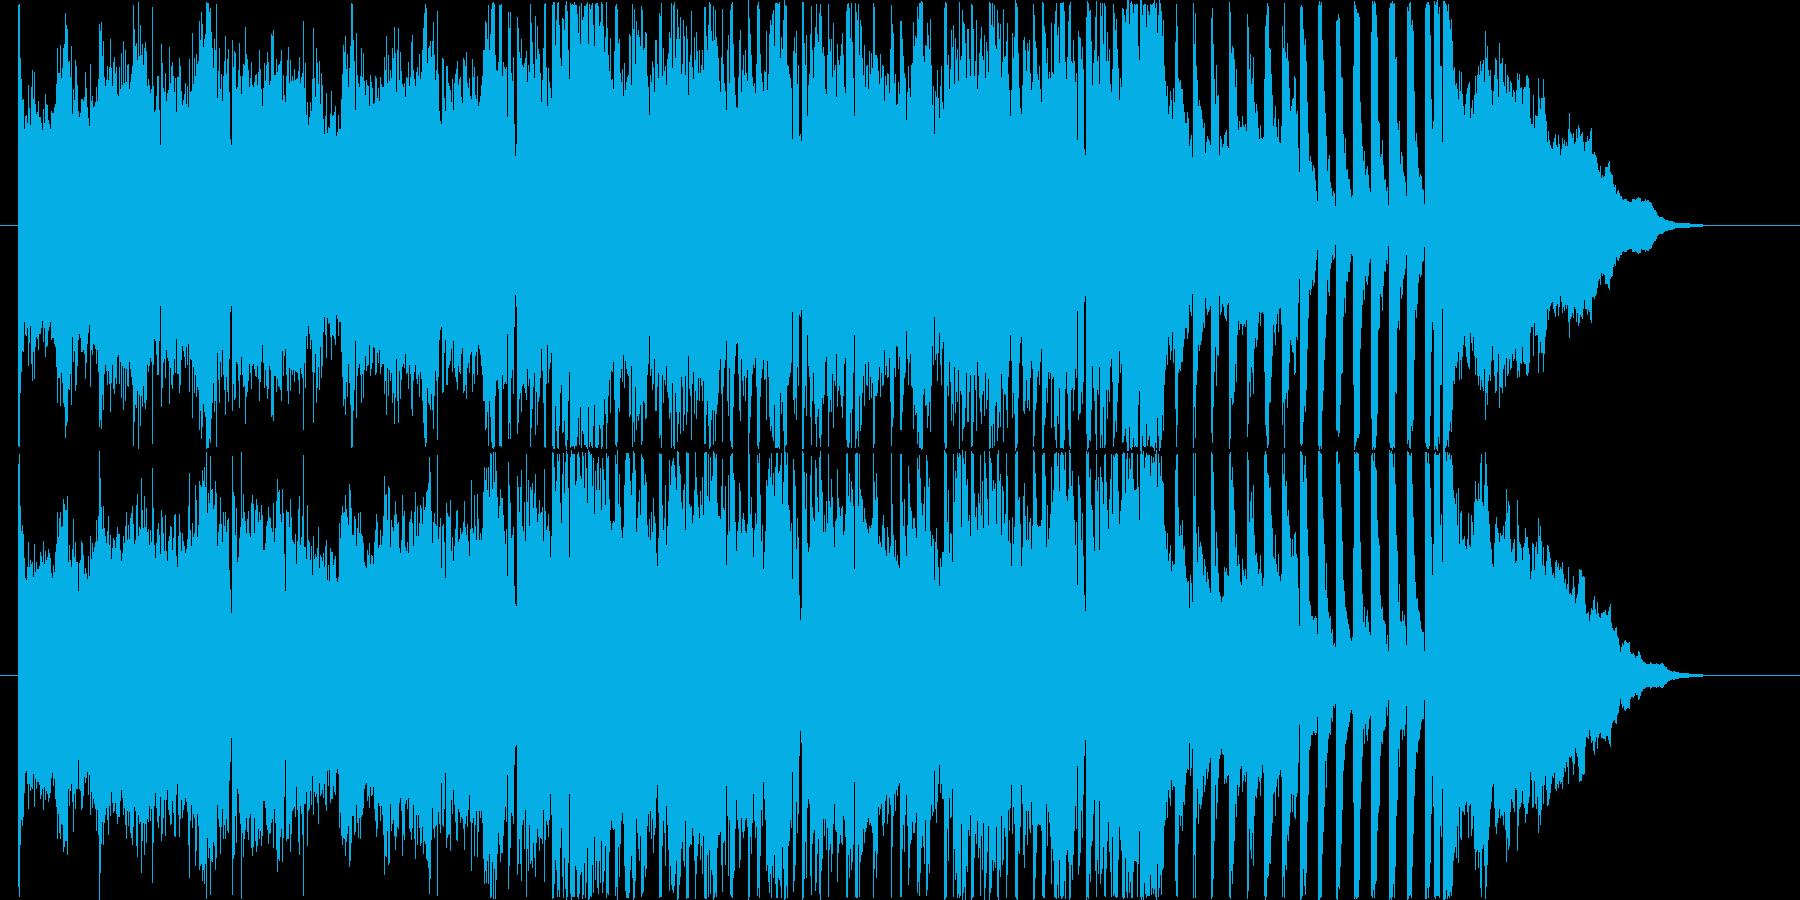 映画 ゲーム トレーラー用の再生済みの波形